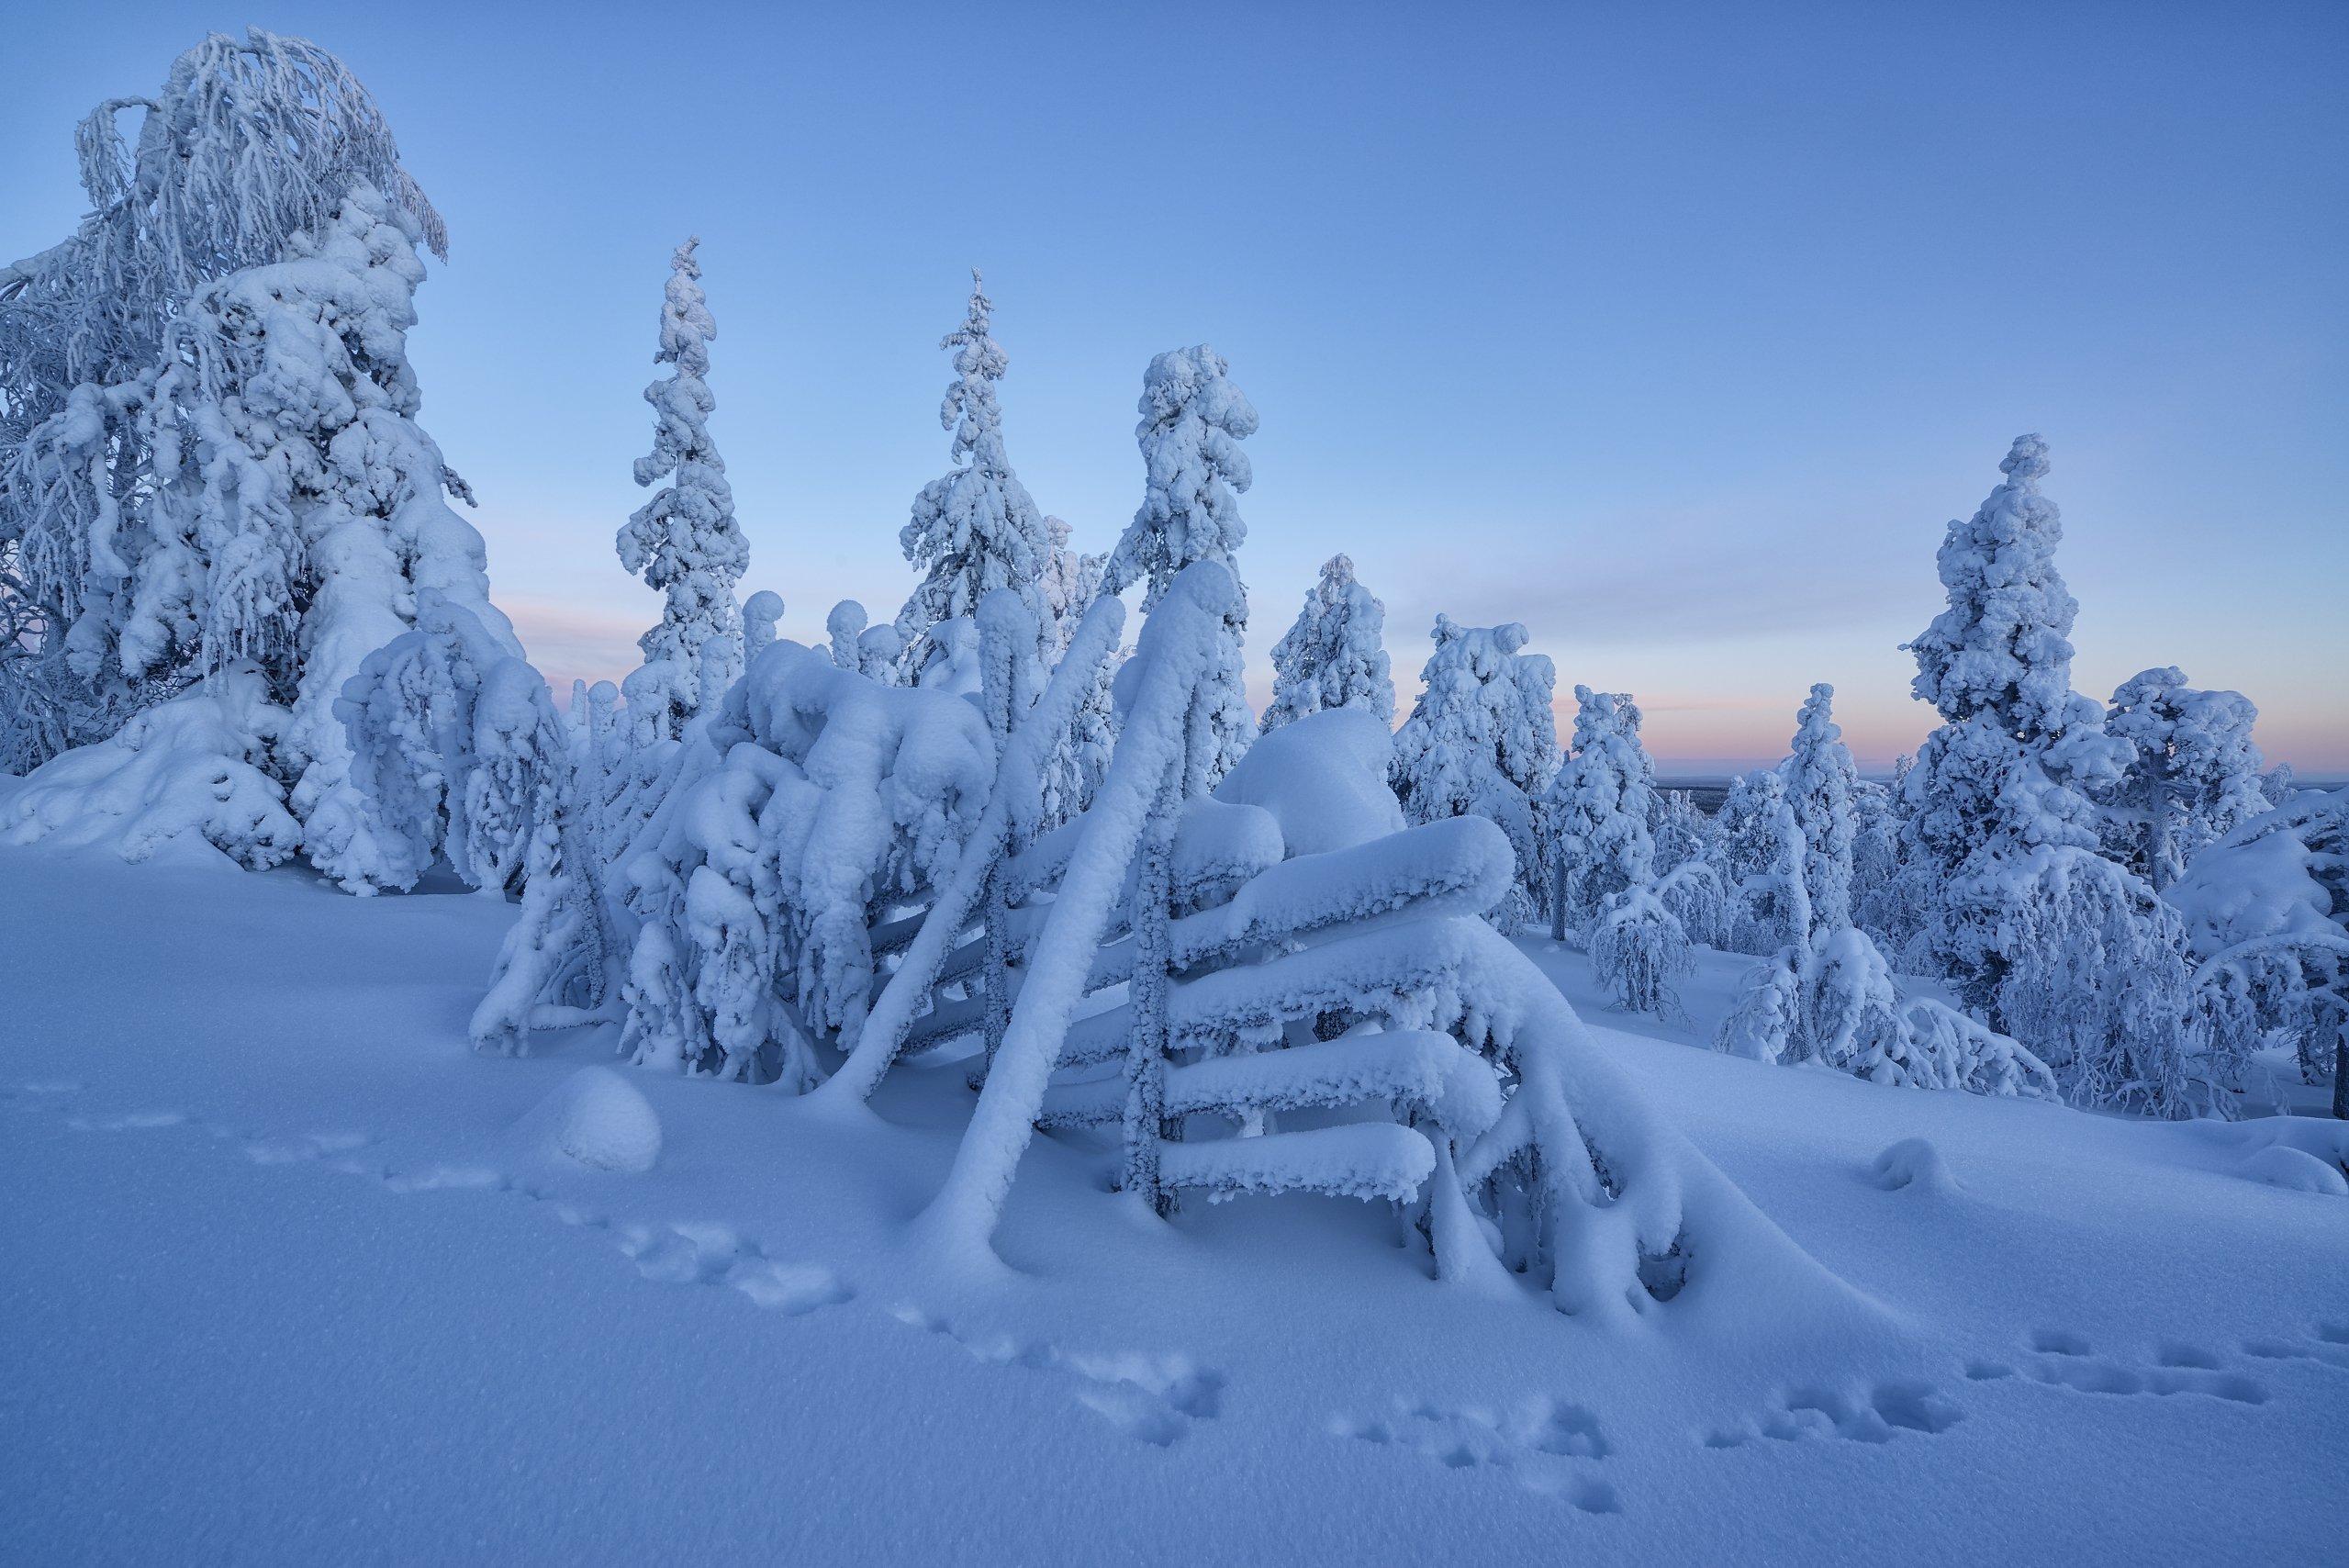 В 2020 приглашаю сюда на Рождество. Обращайтесь <a href=, Максим Евдокимов (phototourtravel.ru)